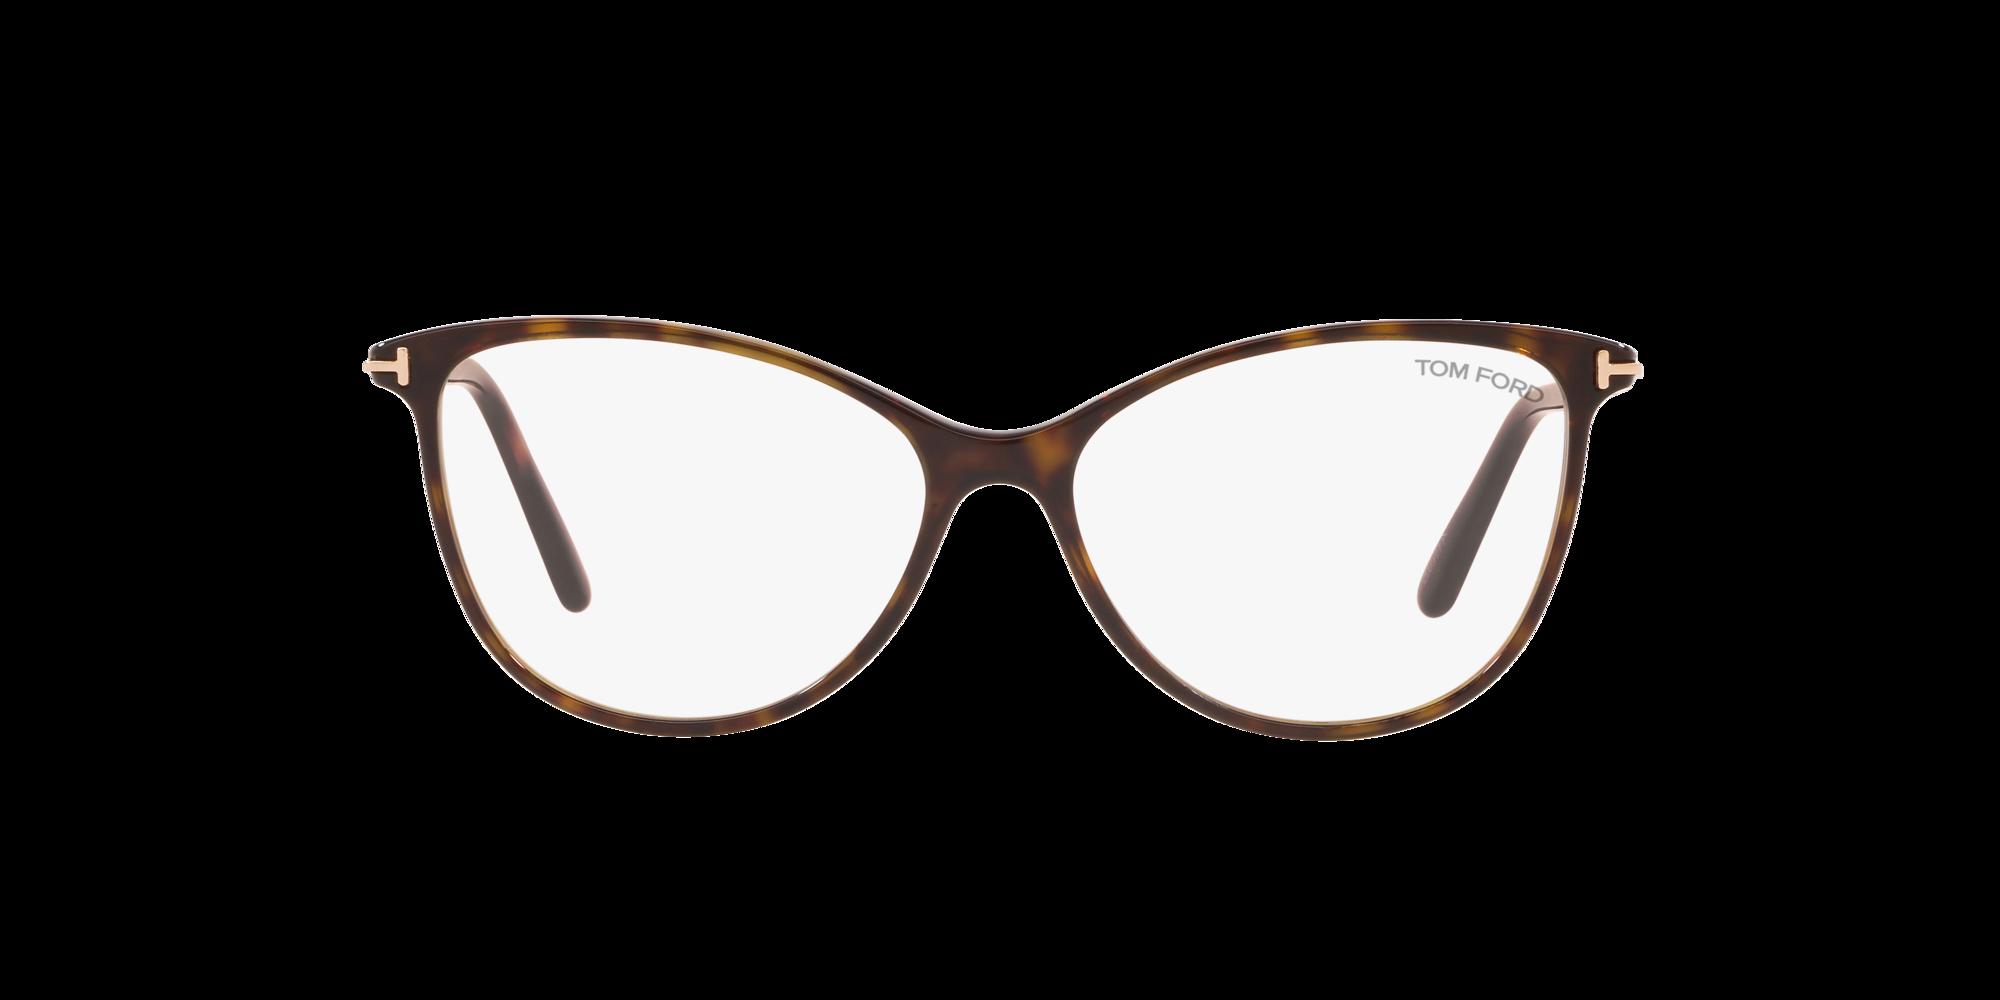 Imagen para FT5616-B de LensCrafters |  Espejuelos, espejuelos graduados en línea, gafas